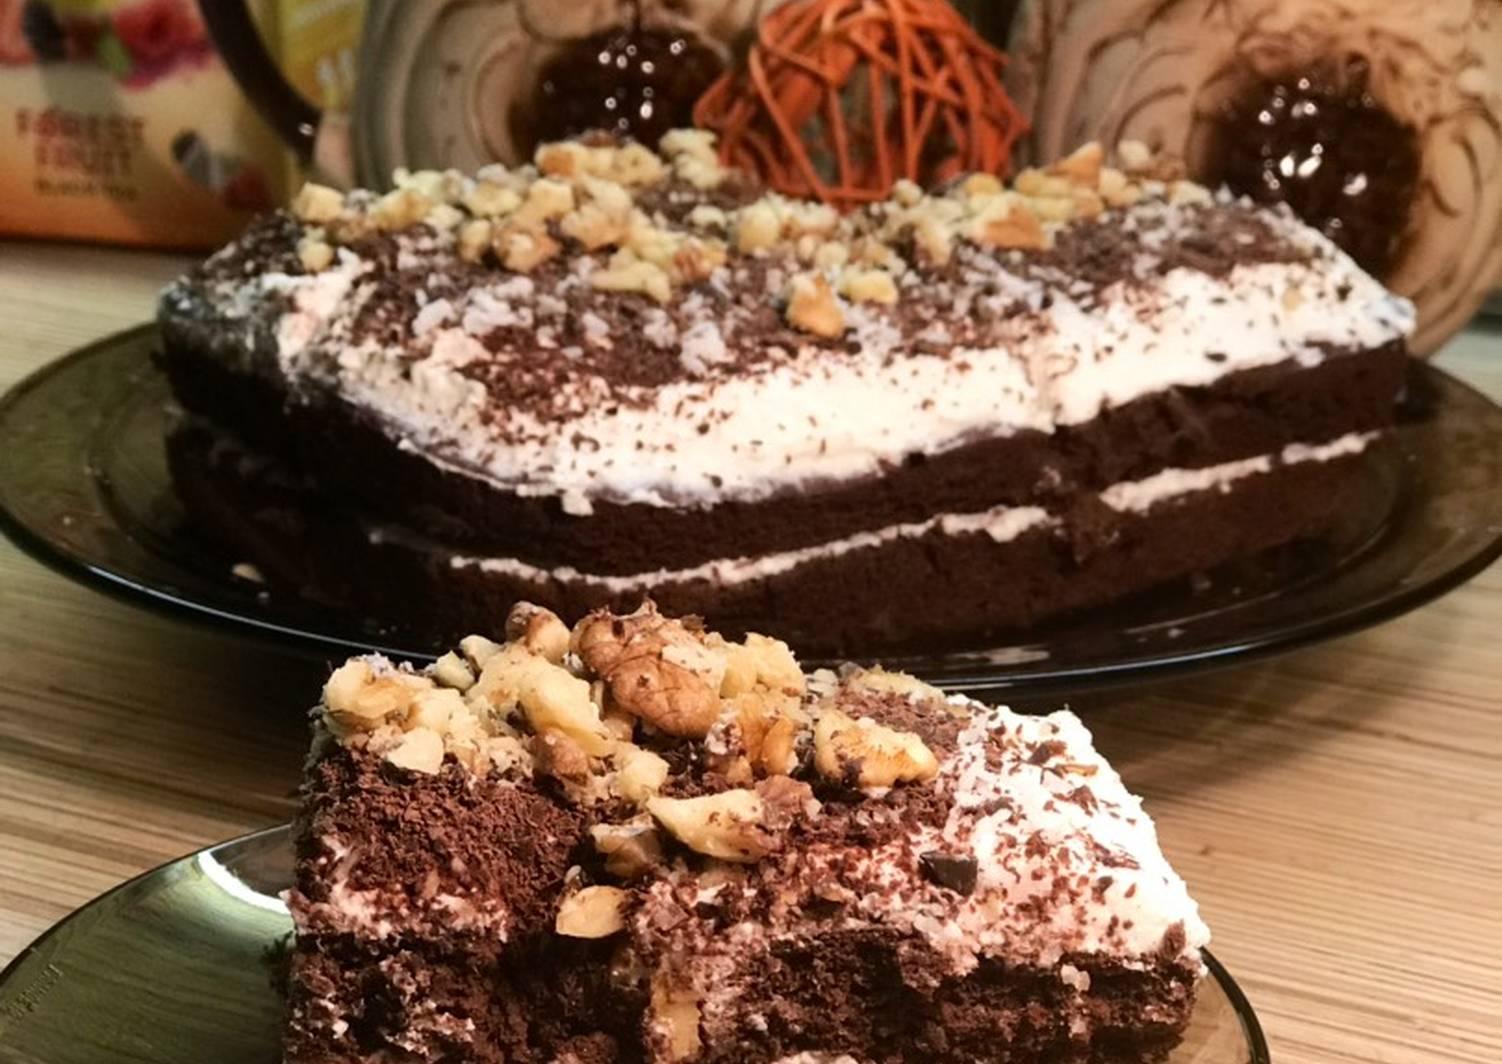 хроническое заболевание, тортик на скорую руку рецепты с фото сушат